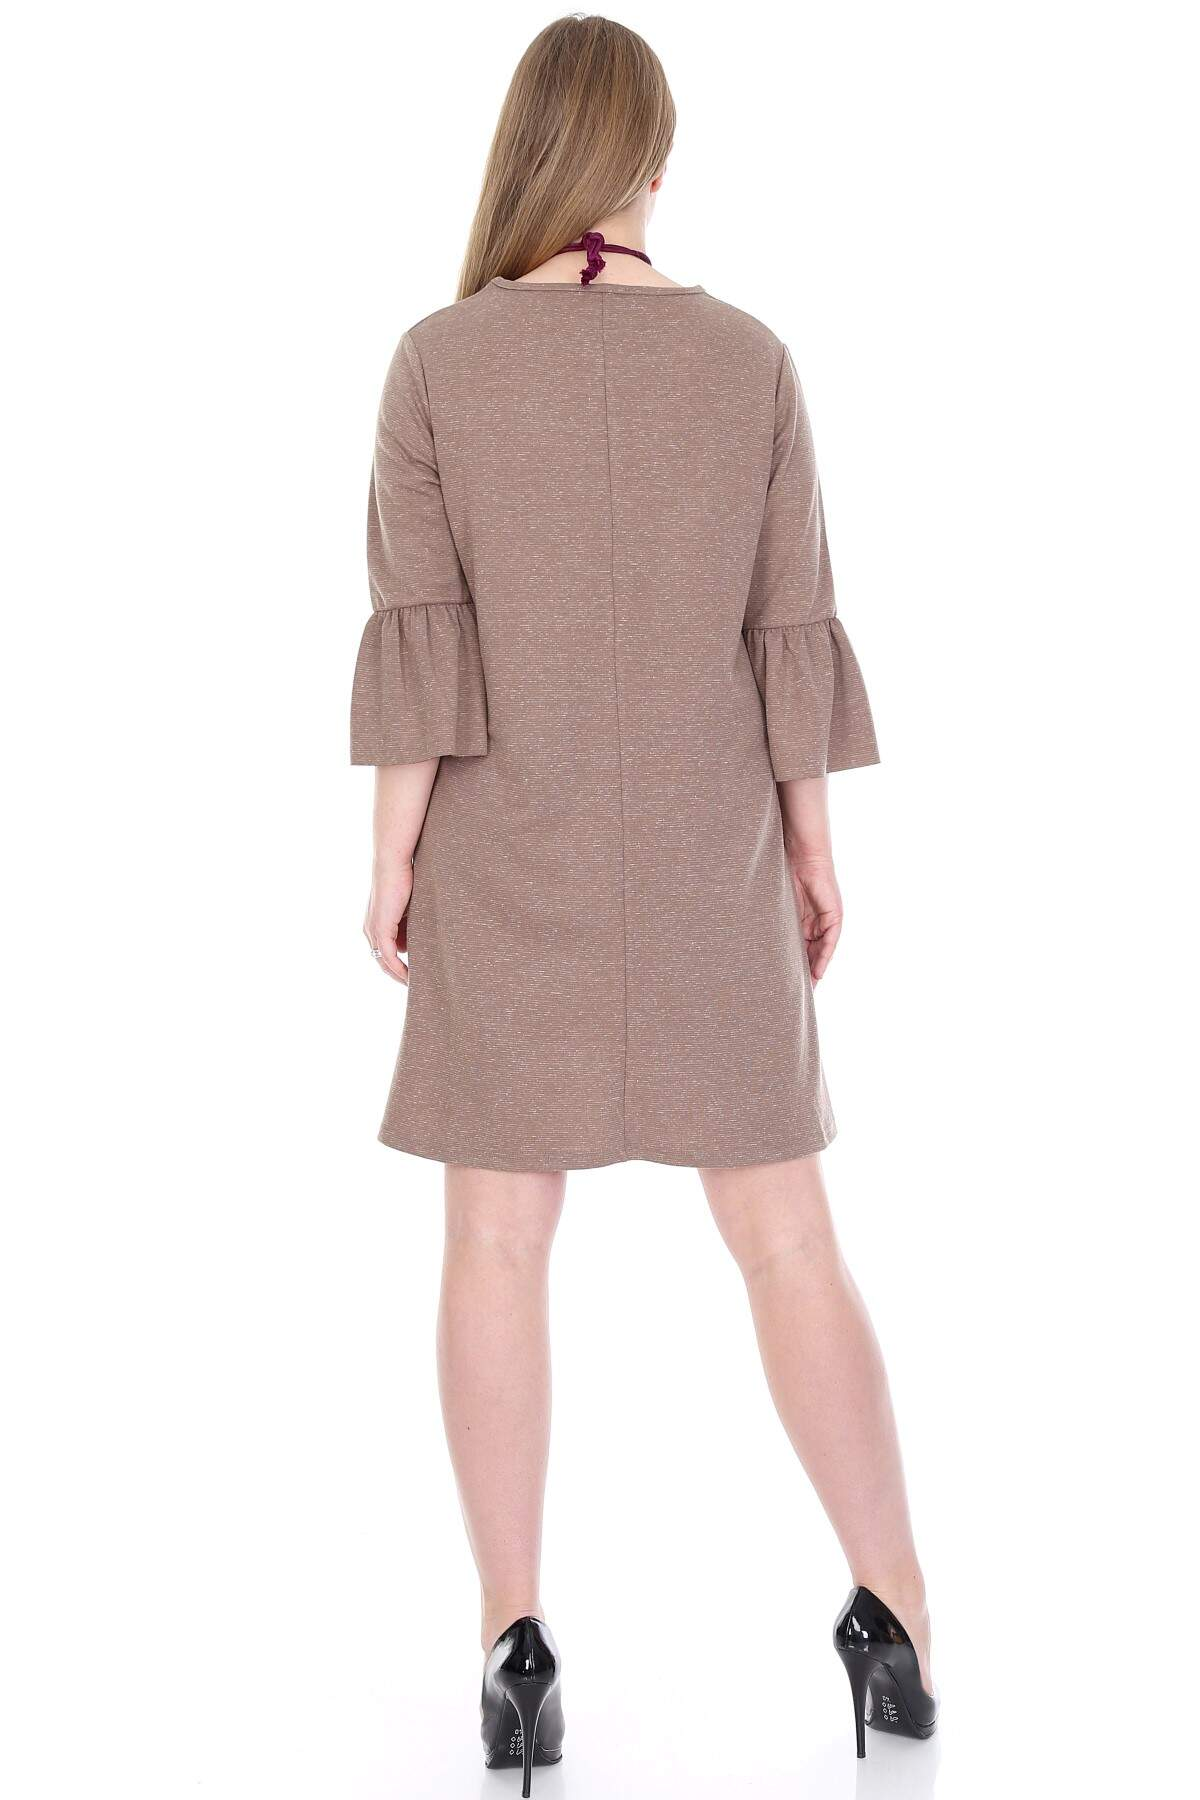 Büyük Beden Kampanyalı Elbise KL807-19vzn